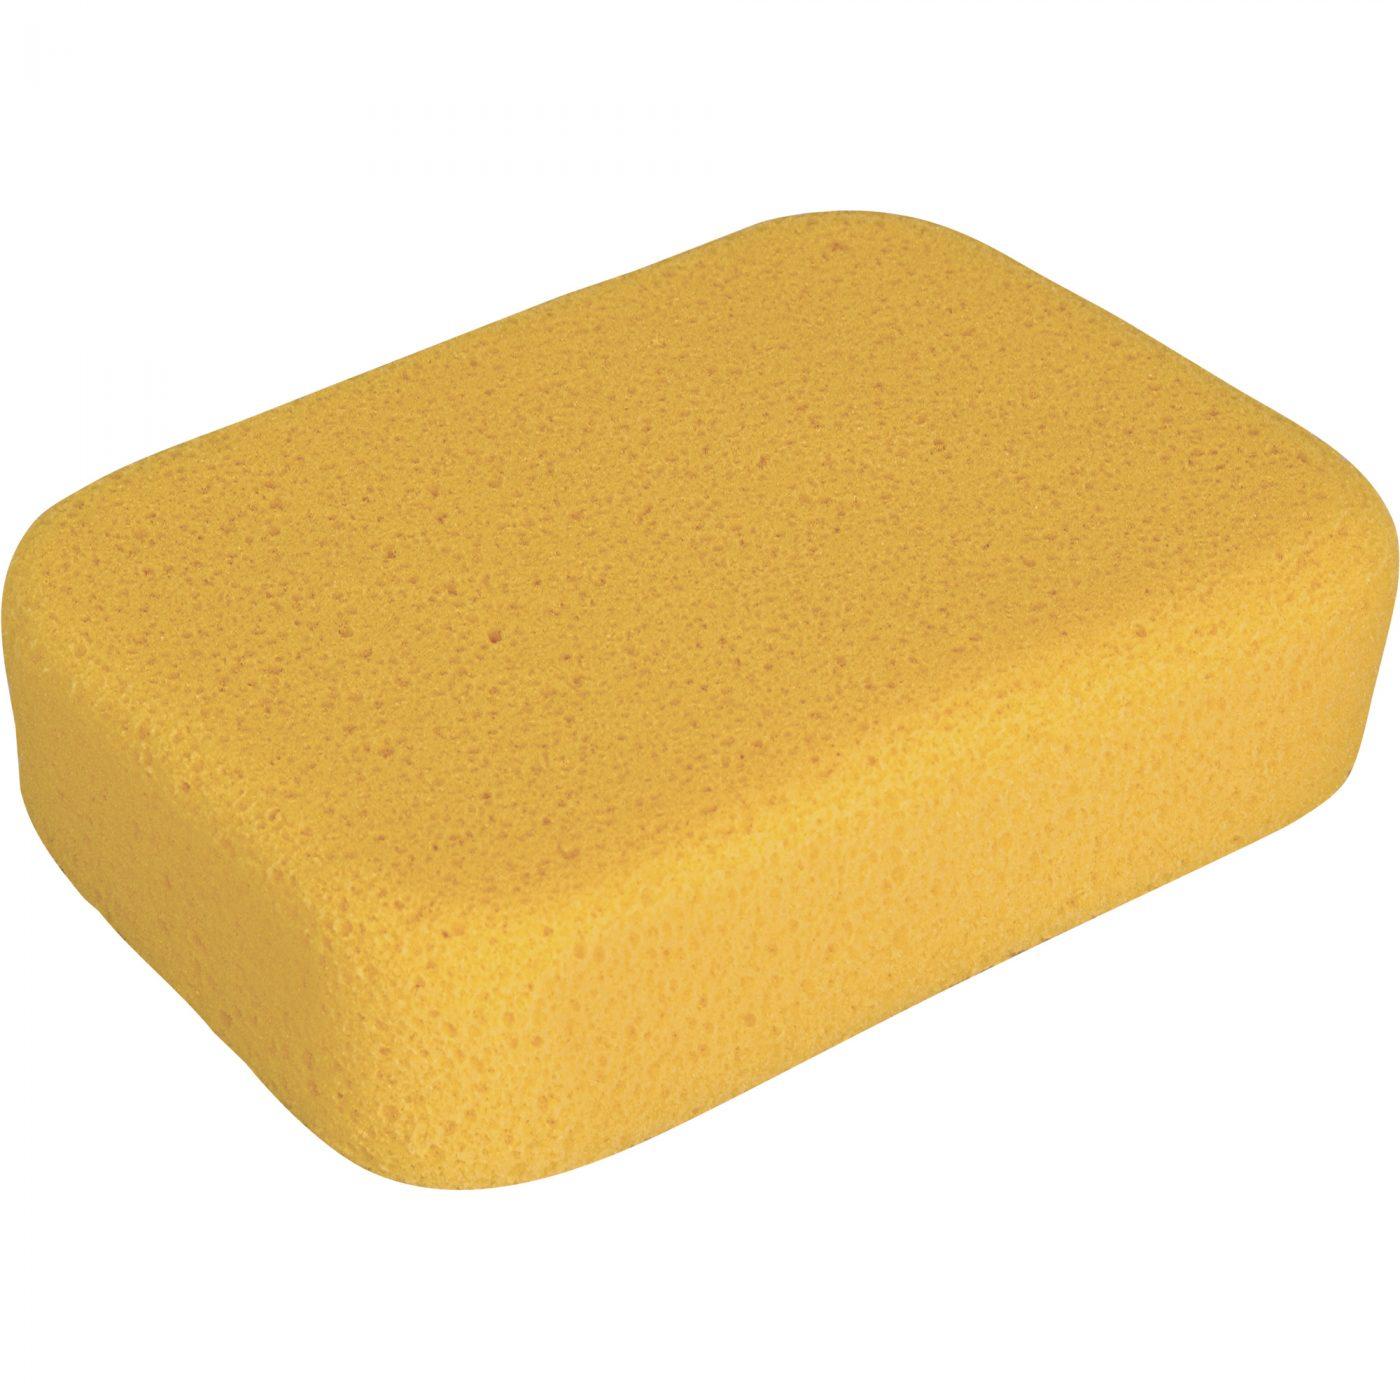 Heavy Duty All-Purpose Sponge